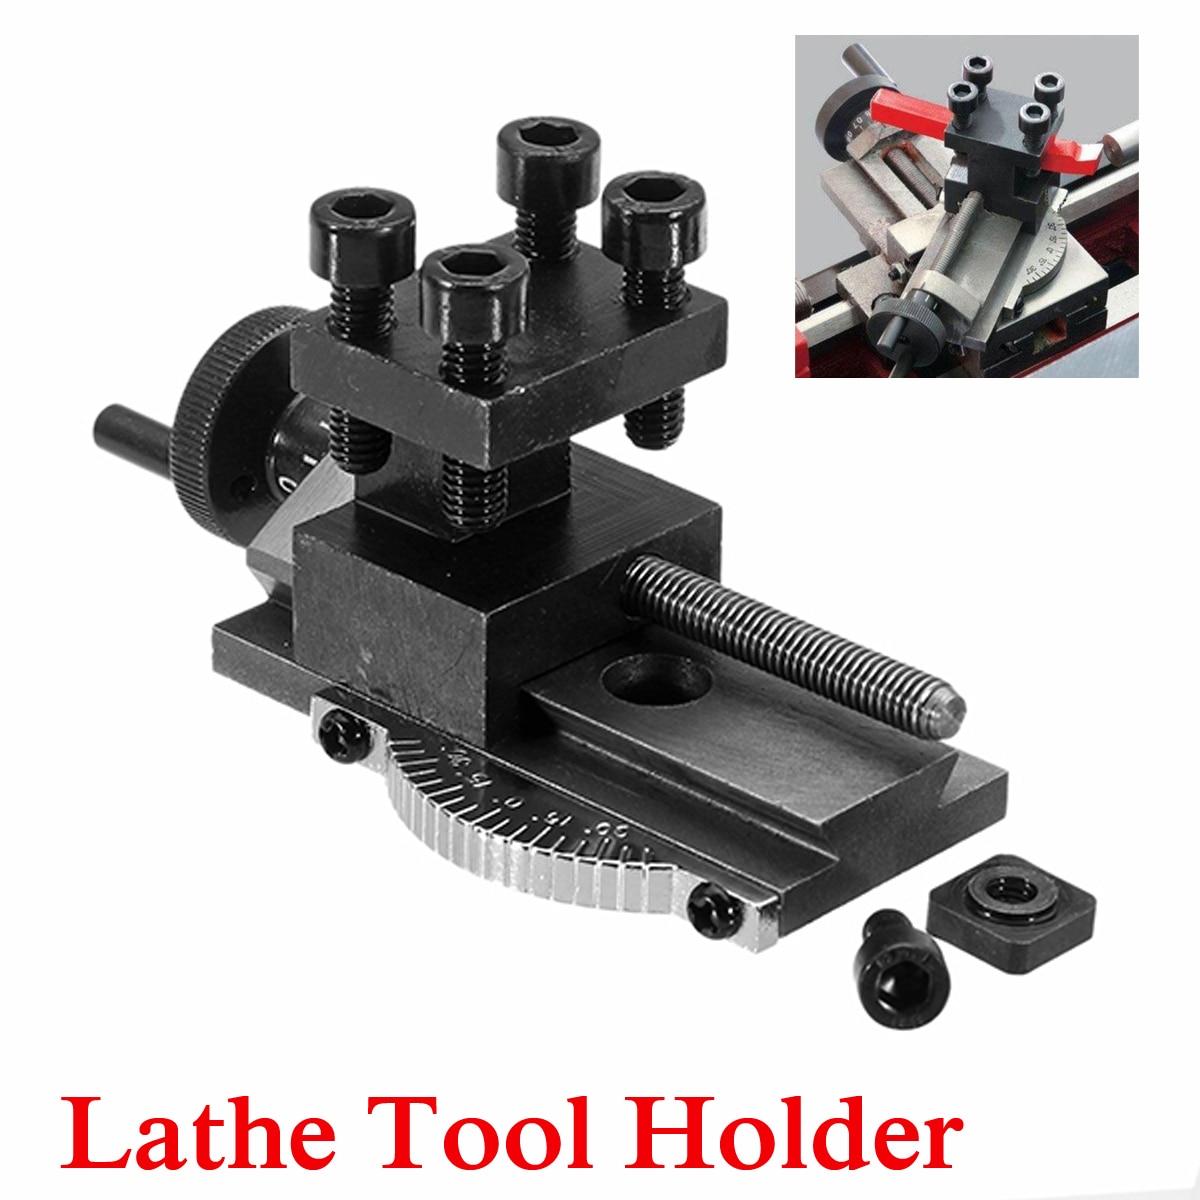 1Pcs Rotatable Lathe Tool Holder S/N-10154 Mini Rotatable Lathe Tool Holder Mini Lathe Accessory For SIEG C0 Mini Lathe